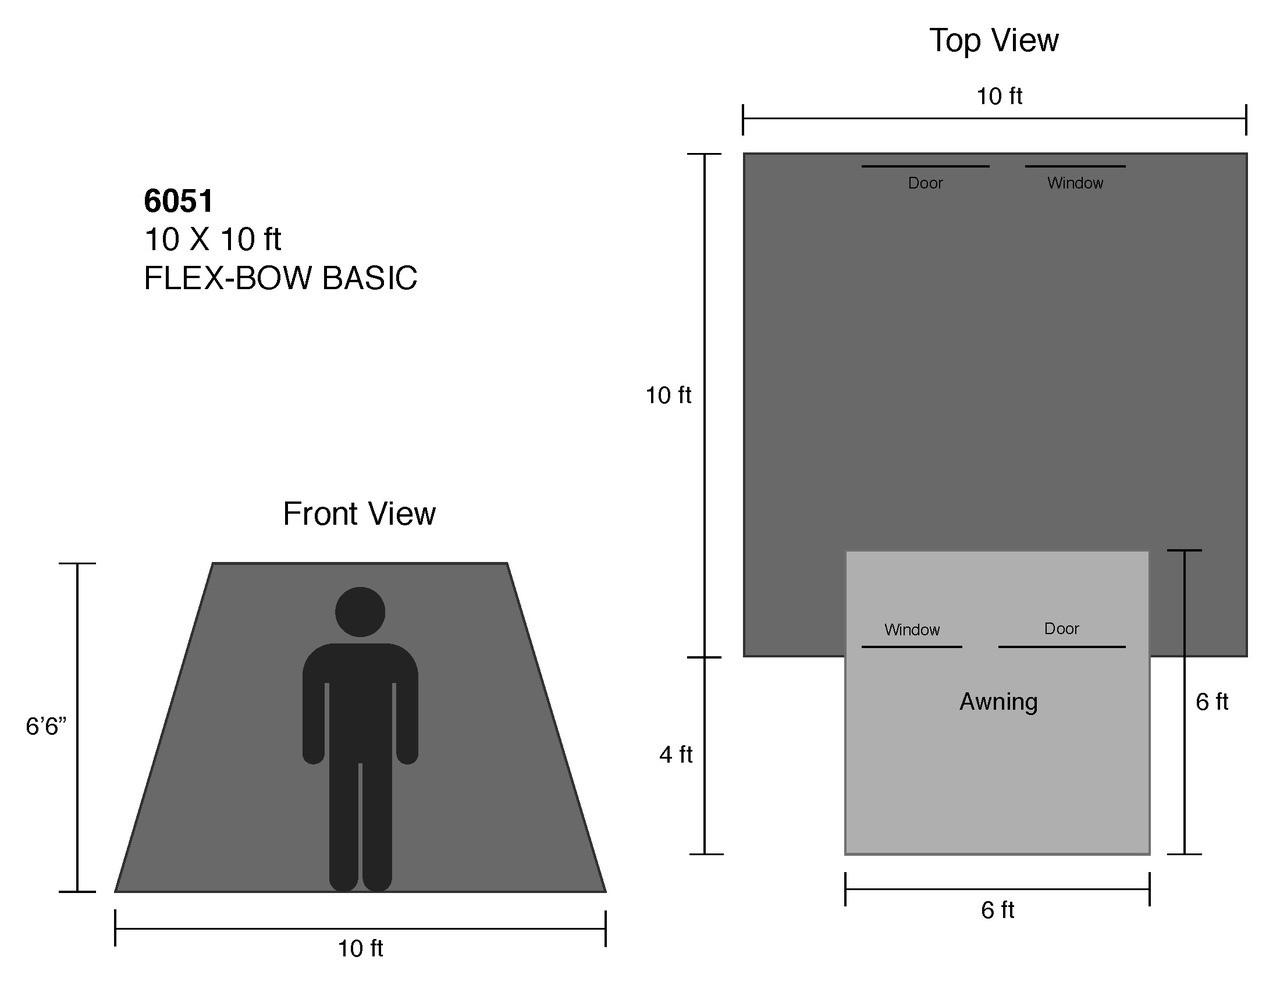 10 x 10 ft. Flex-Bow Canvas Tent - Basic